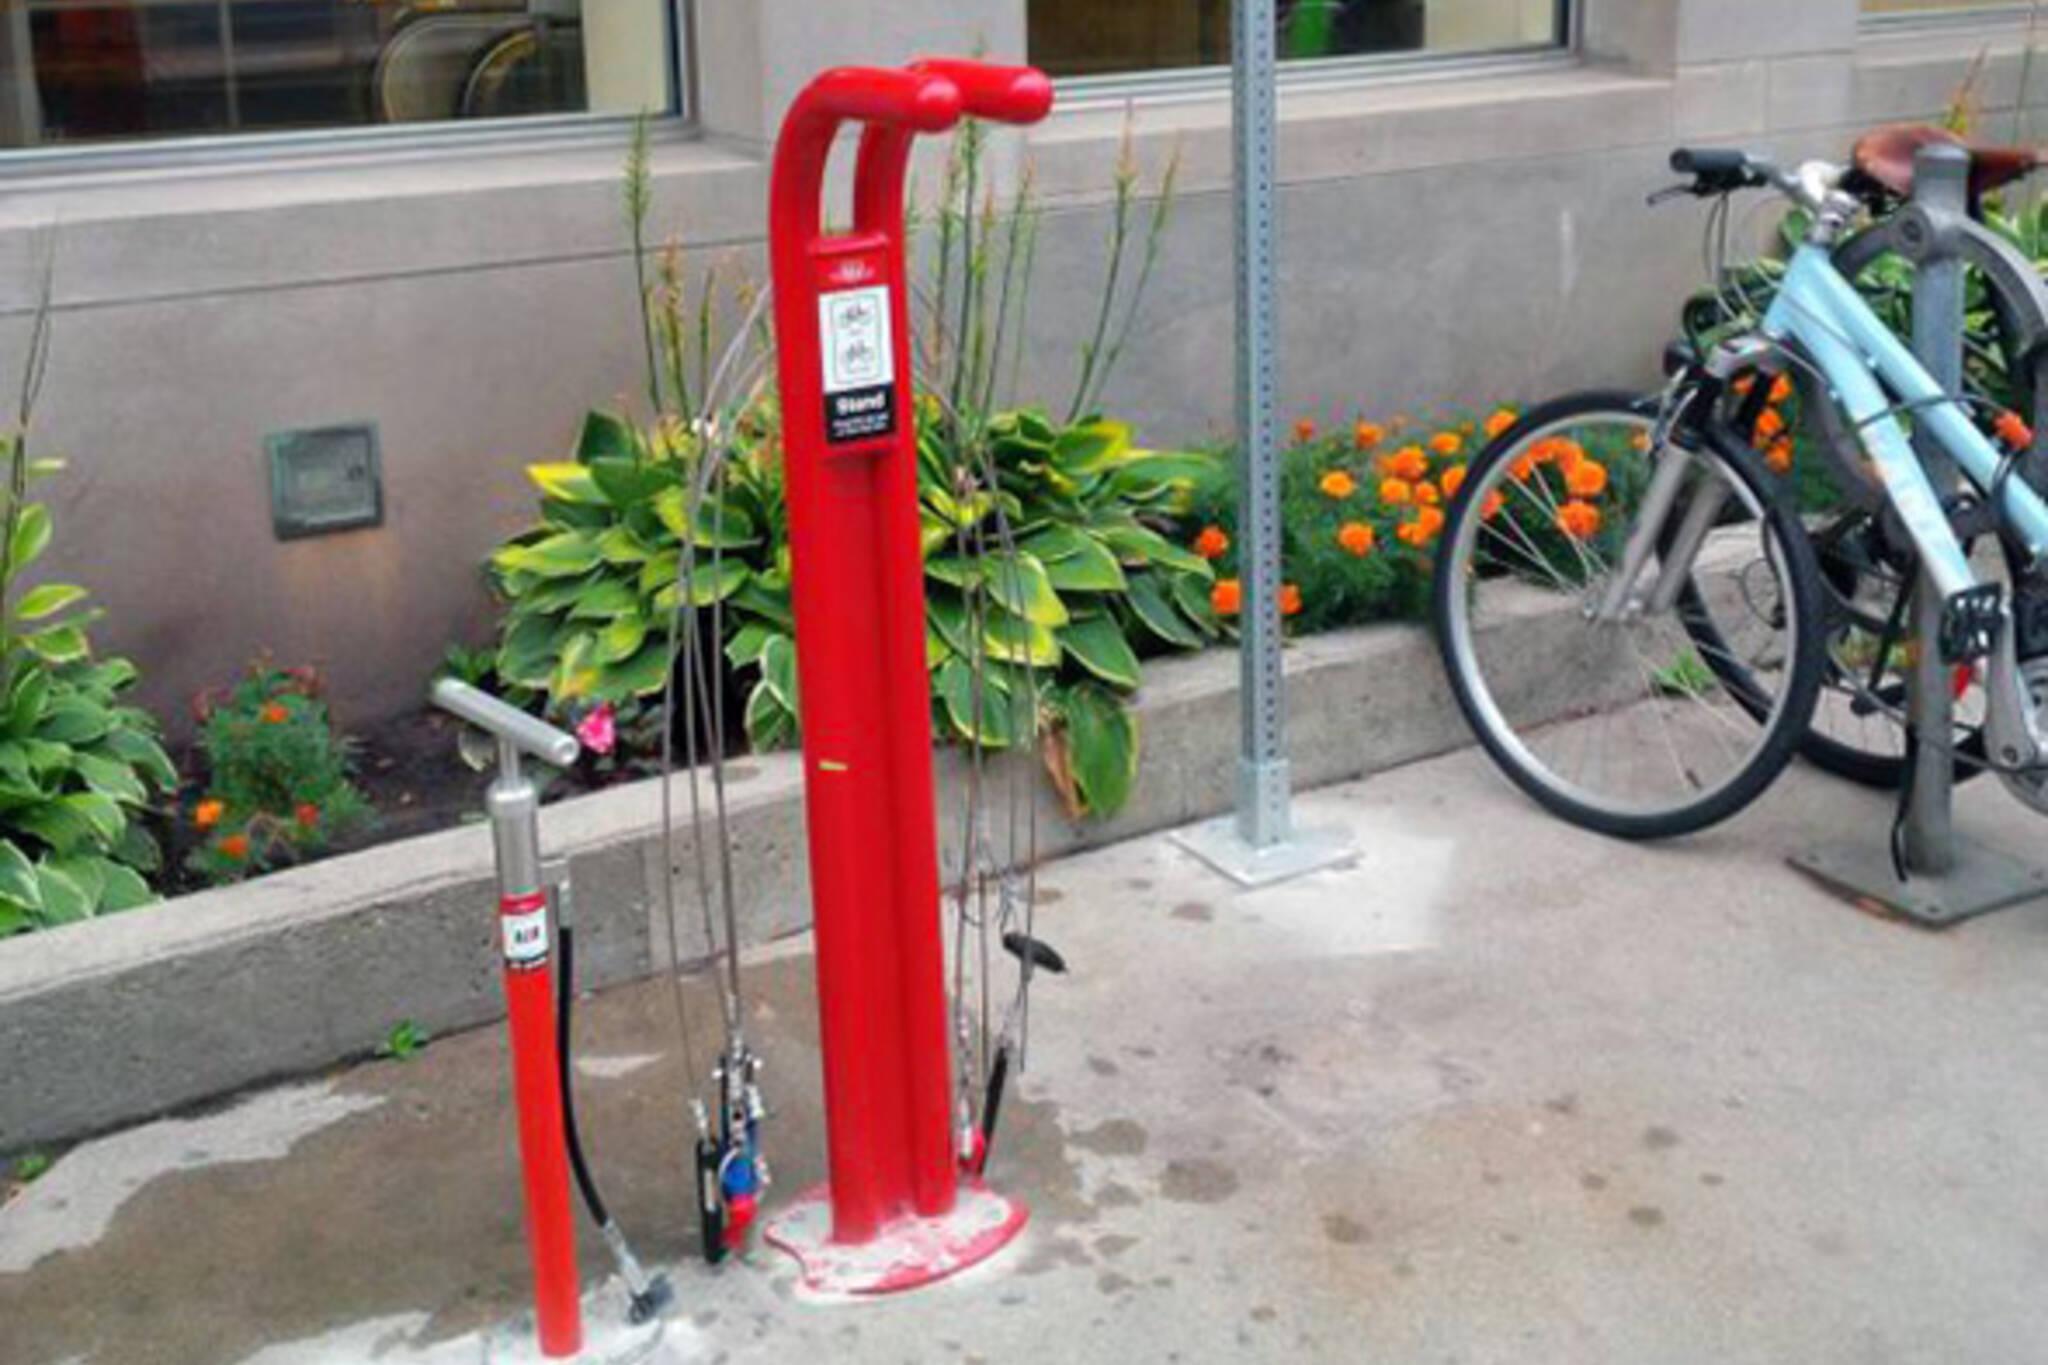 ttc bike repair station